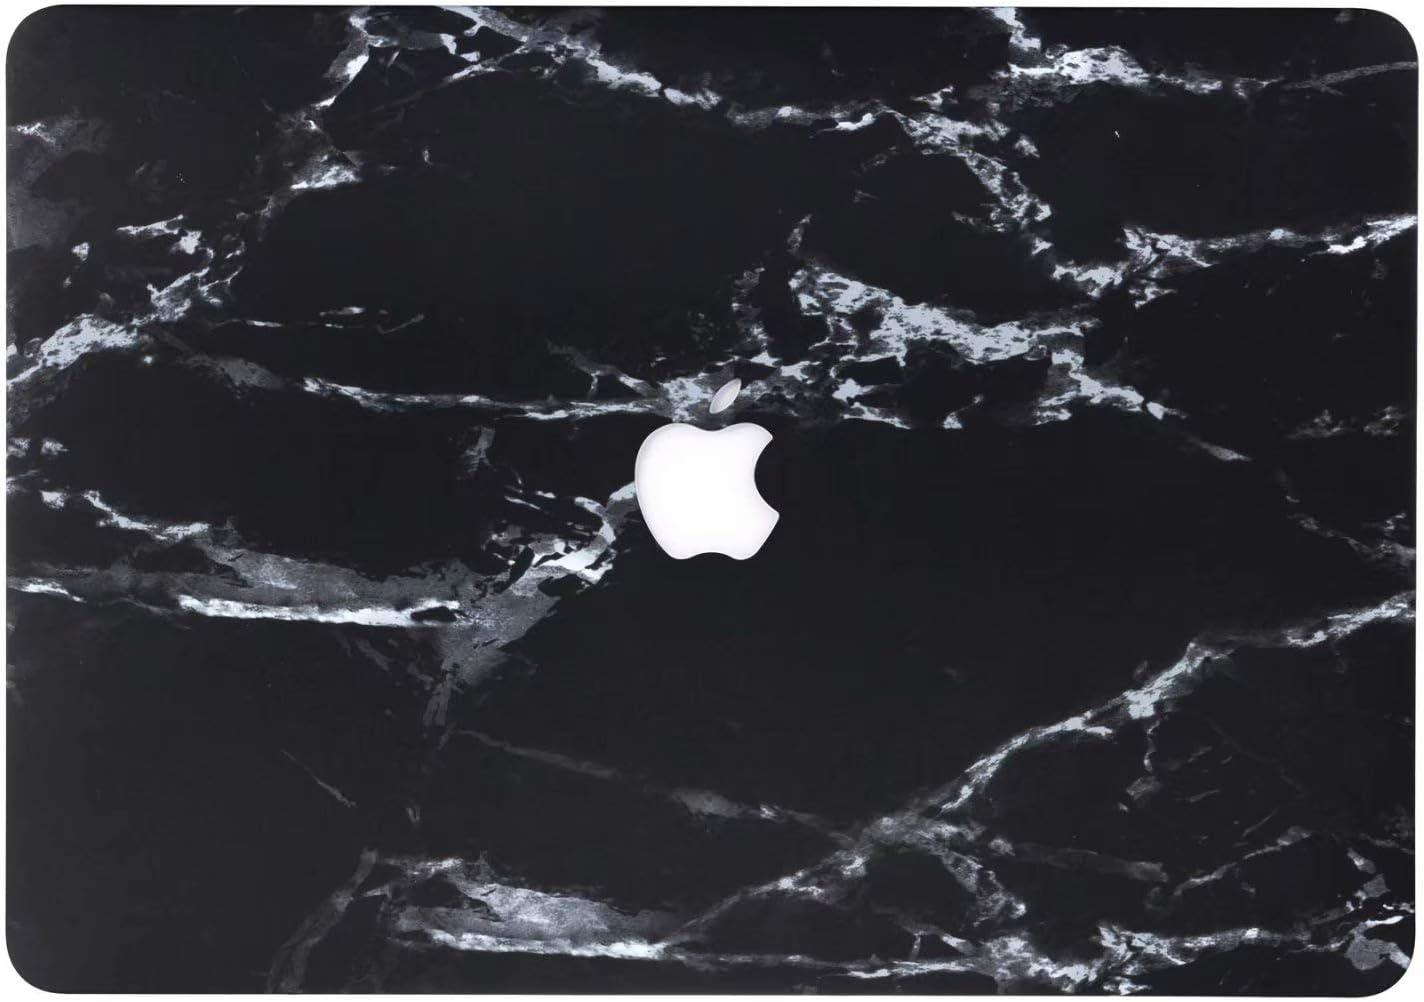 MacBook Pro 13 Retina Case, AQYLQ Matte Plastic Hard Shell Case Cover for Apple 13-inch MacBook Pro 13.3